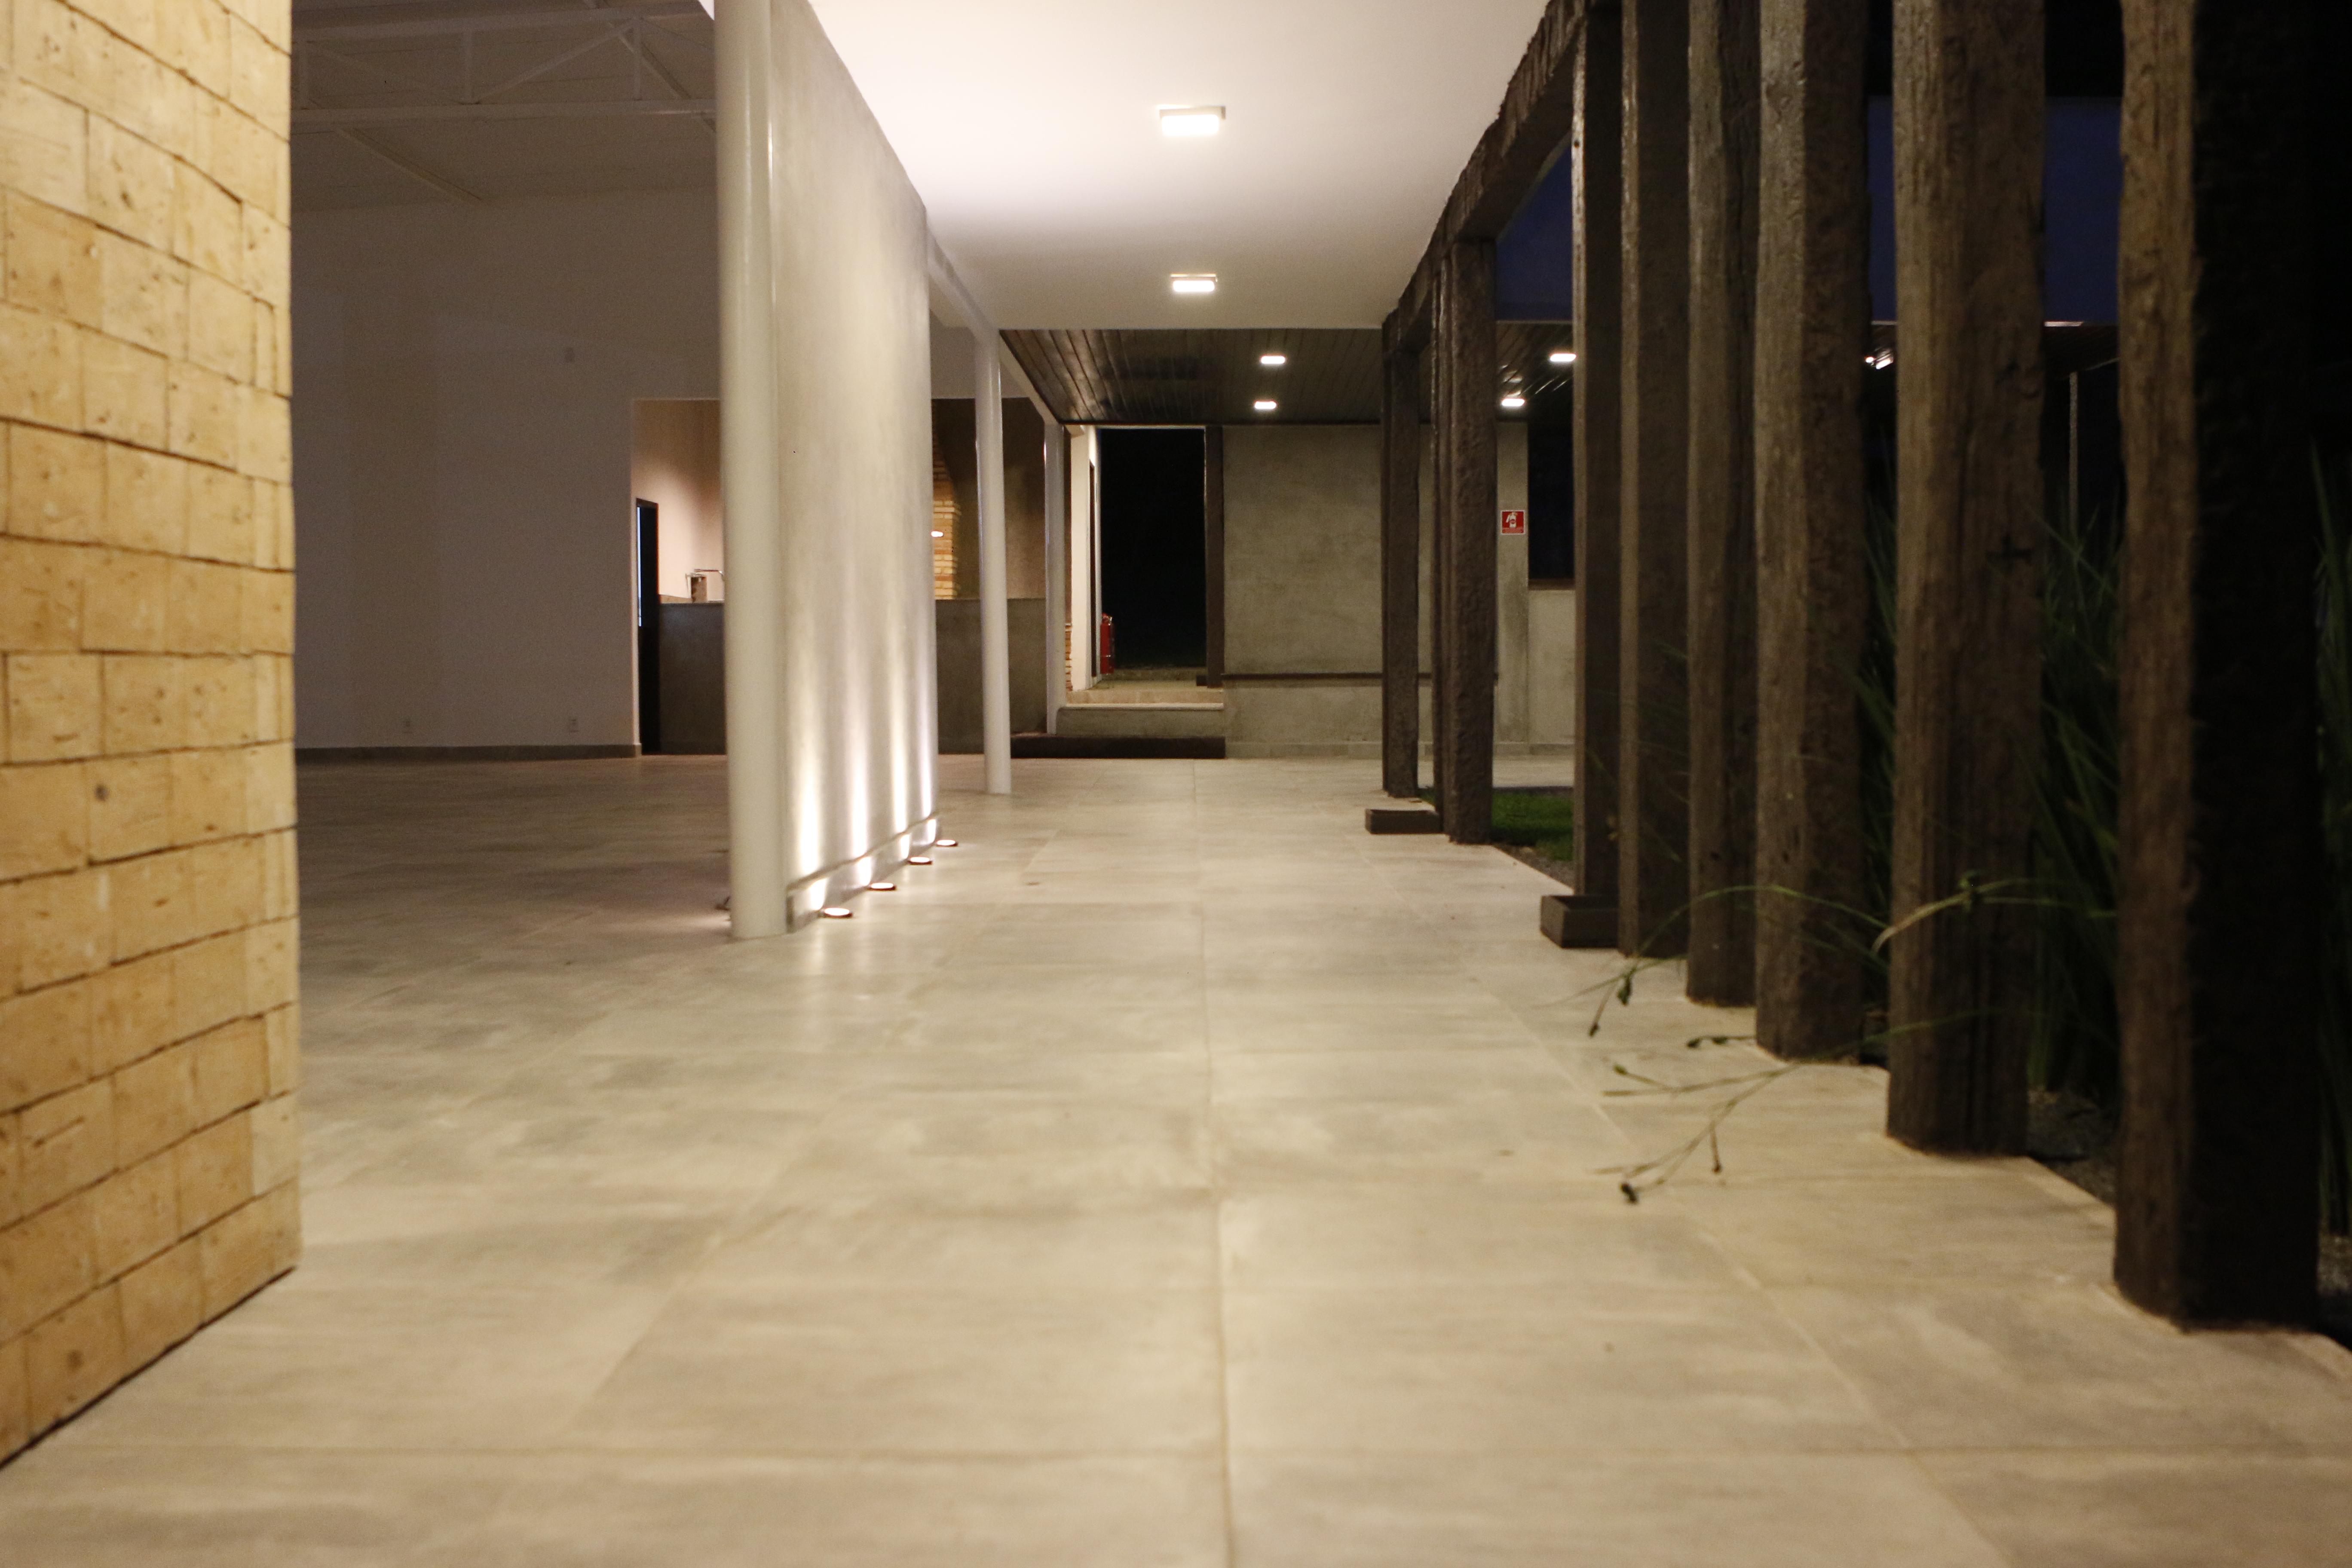 Kostenlose Foto Haus Stock Bodenbelag Eigentum Lobby Fliese